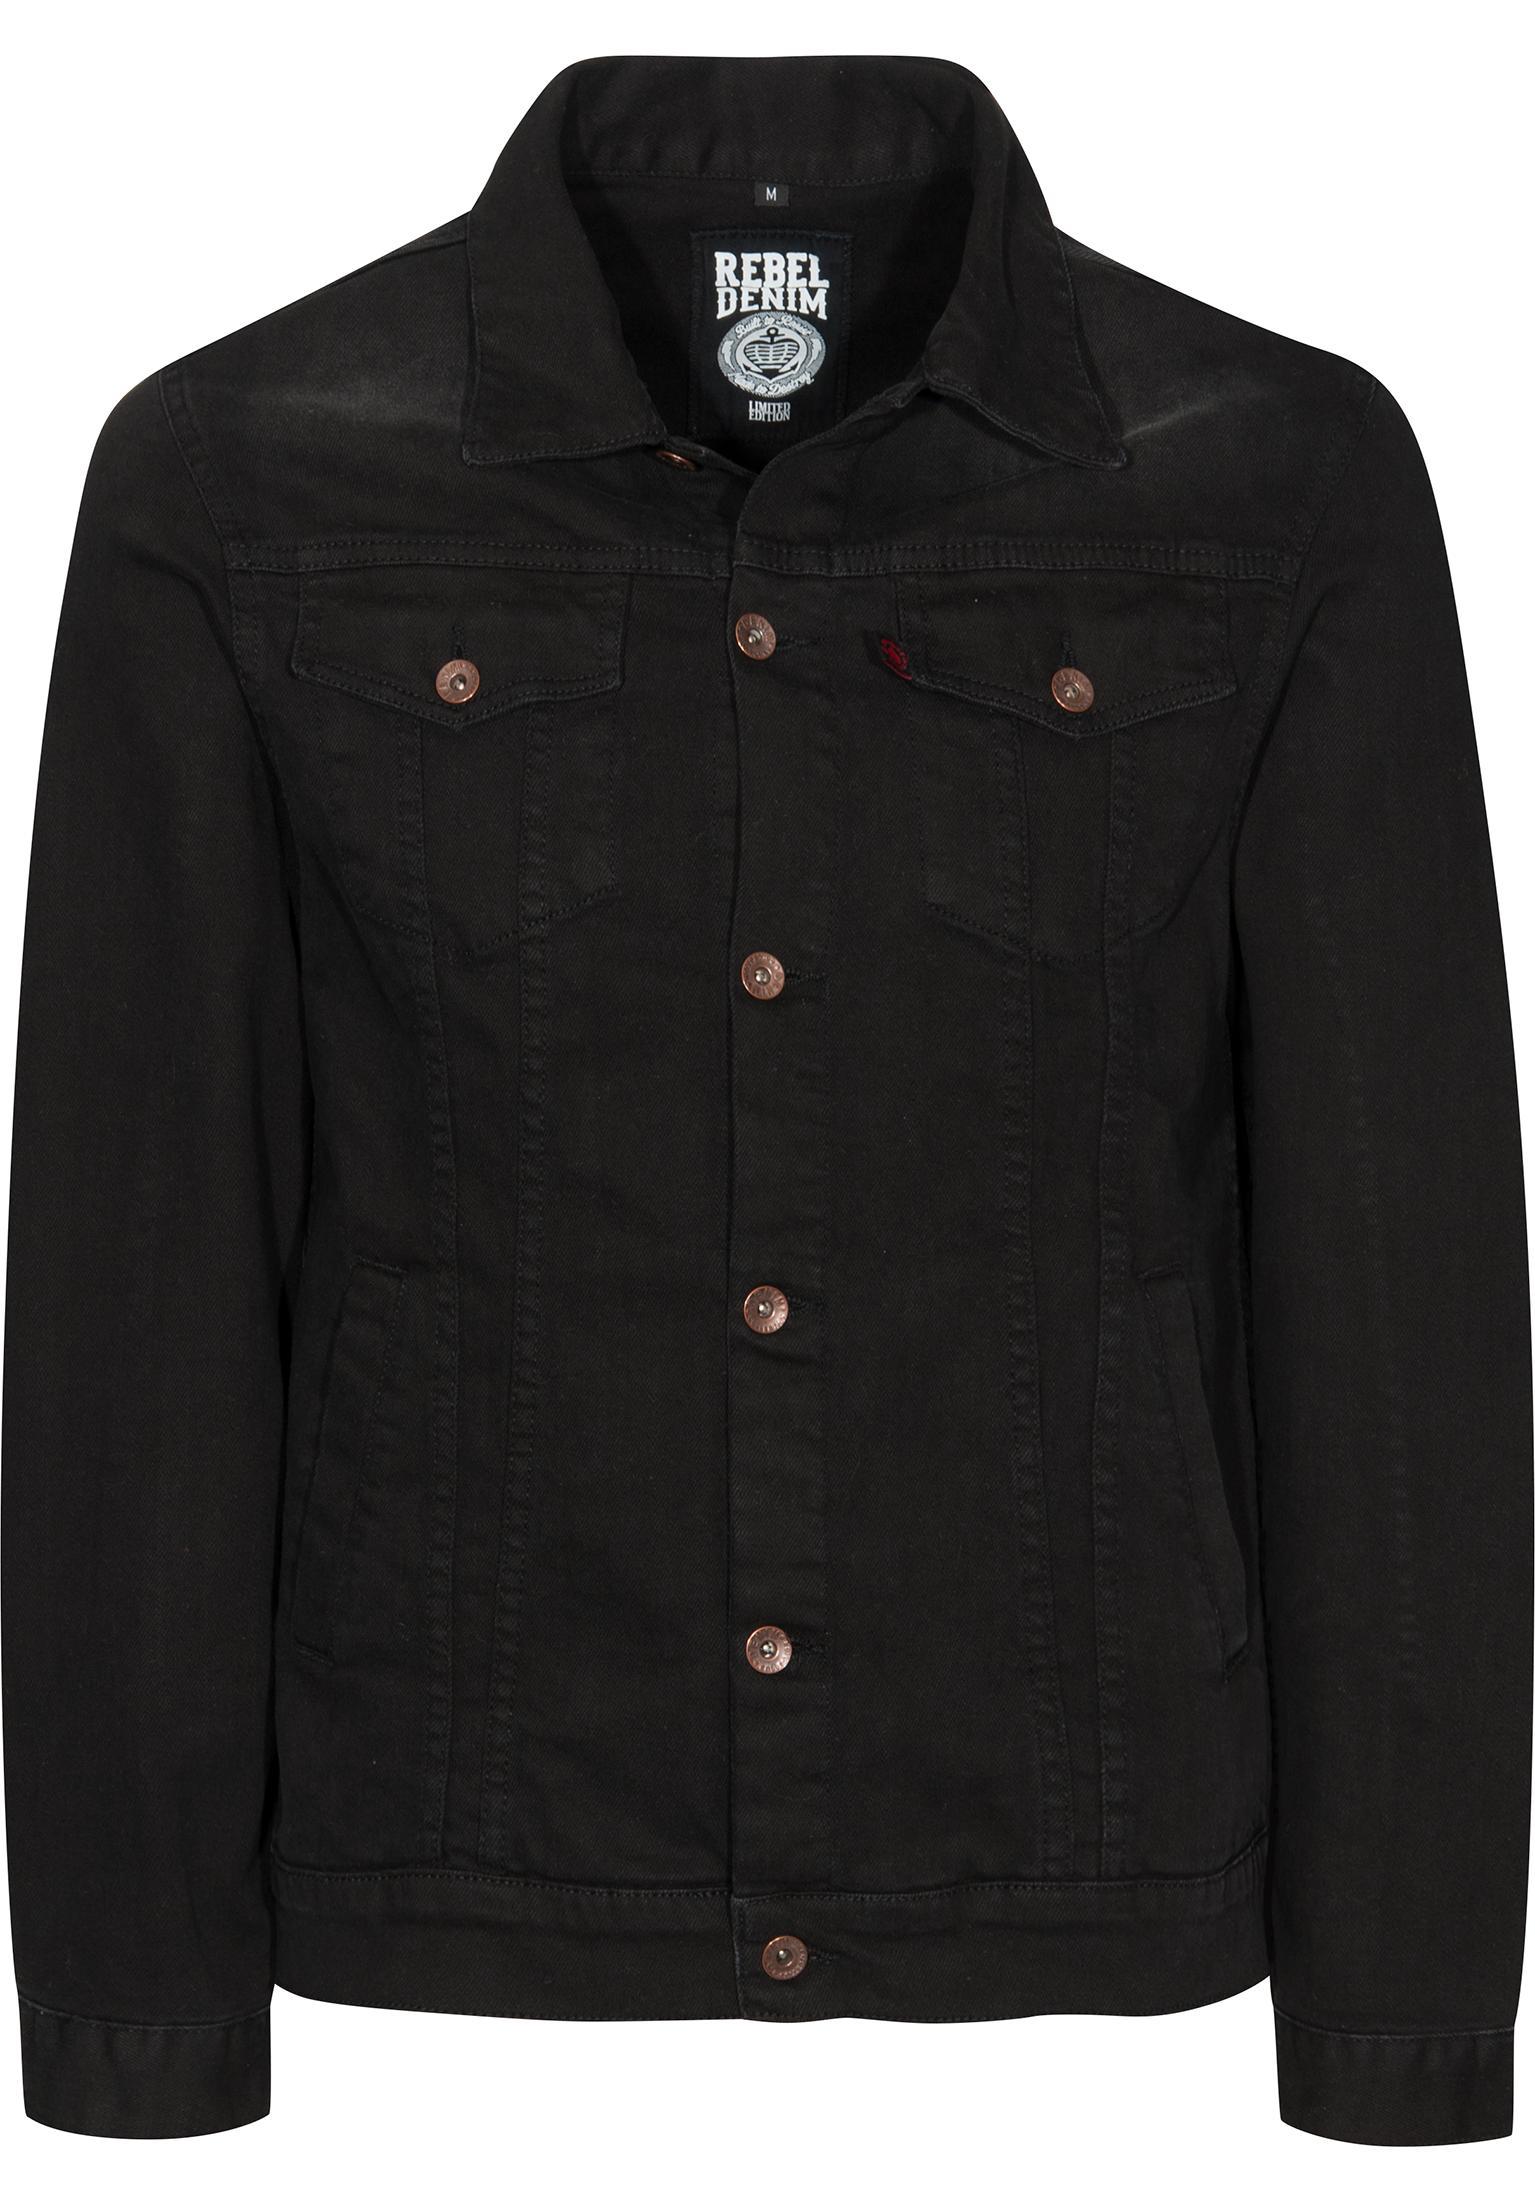 Blokkmonsta Blokkmonsta   MarioMillions   Adidas jacket